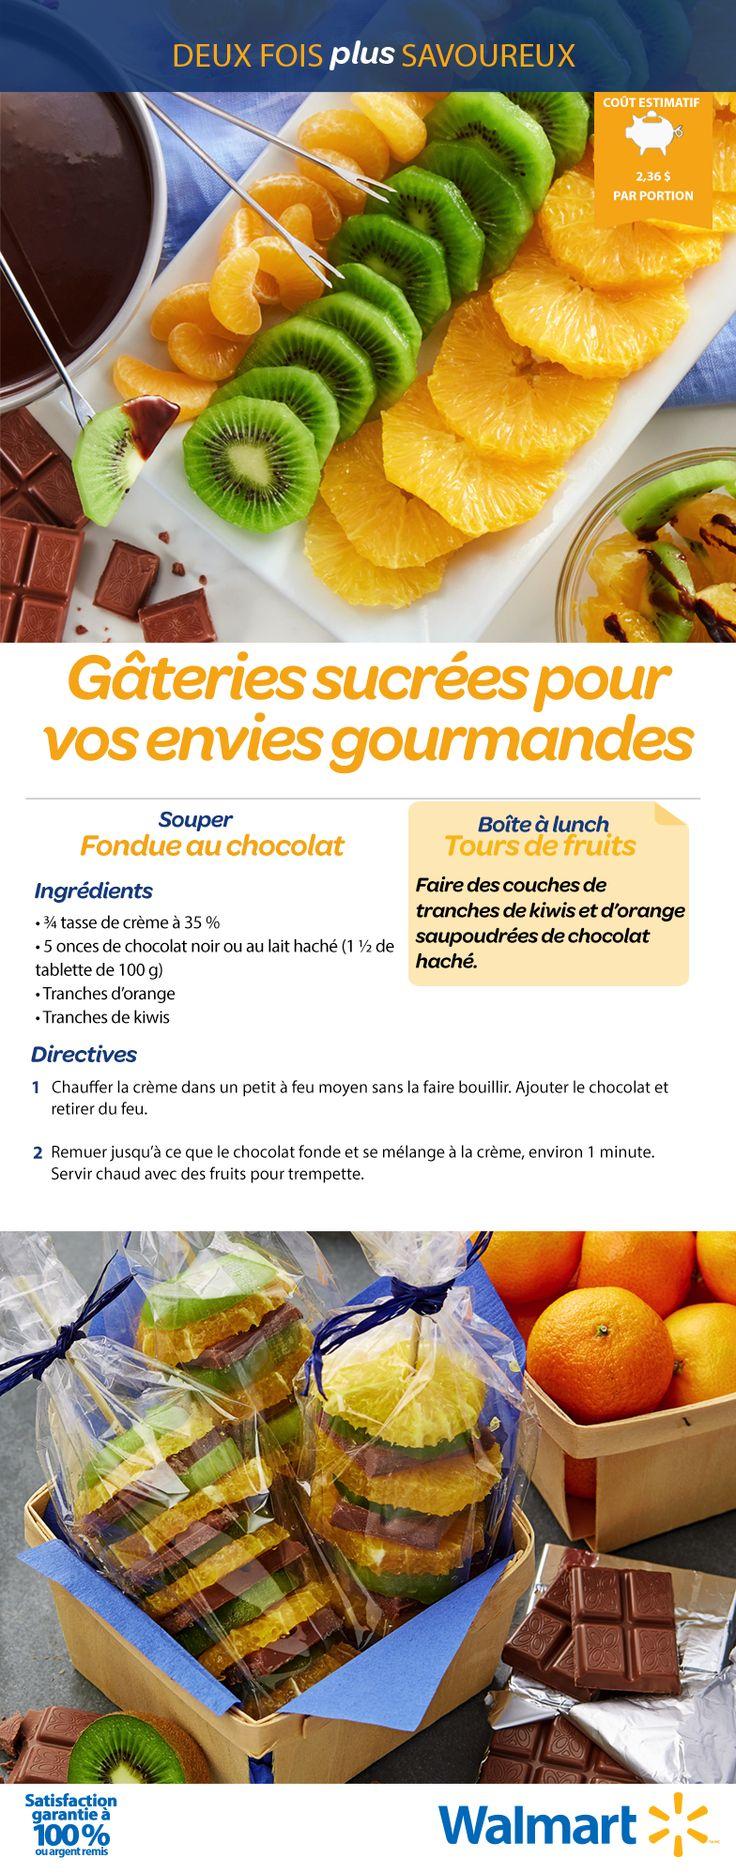 Une gâterie sucrée, deux fois! Essayez une fondue au chocolat avec des oranges etdes kiwis (c'est divin!). Puis, gâtez vos petits à l'heure du dîner avec des tours de fruits, en superposant des fruits et du chocolat haché. #RecettesRentréeDesClasses